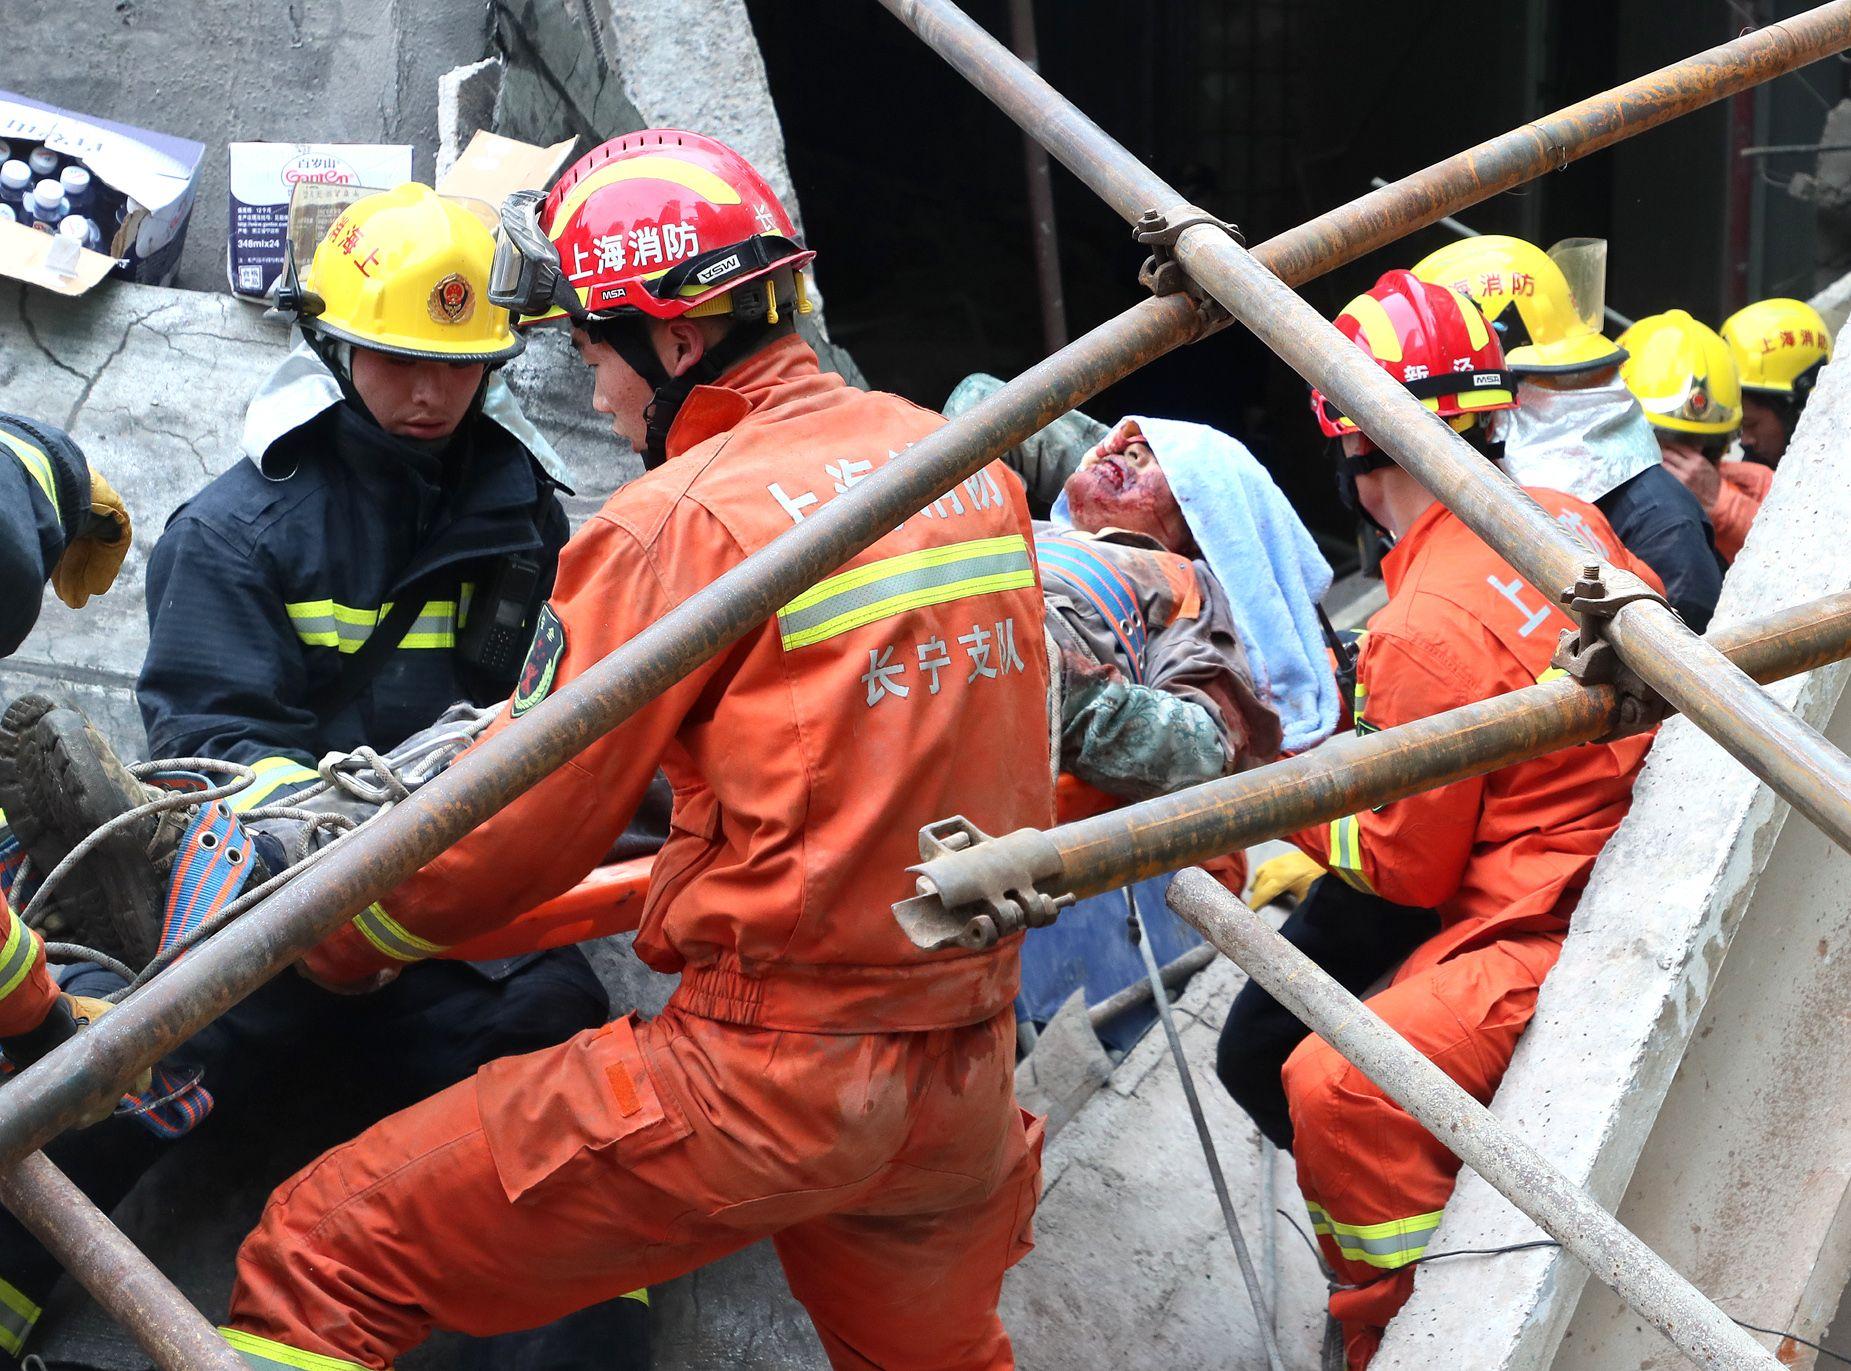 事故導致10人死亡。新華社圖片